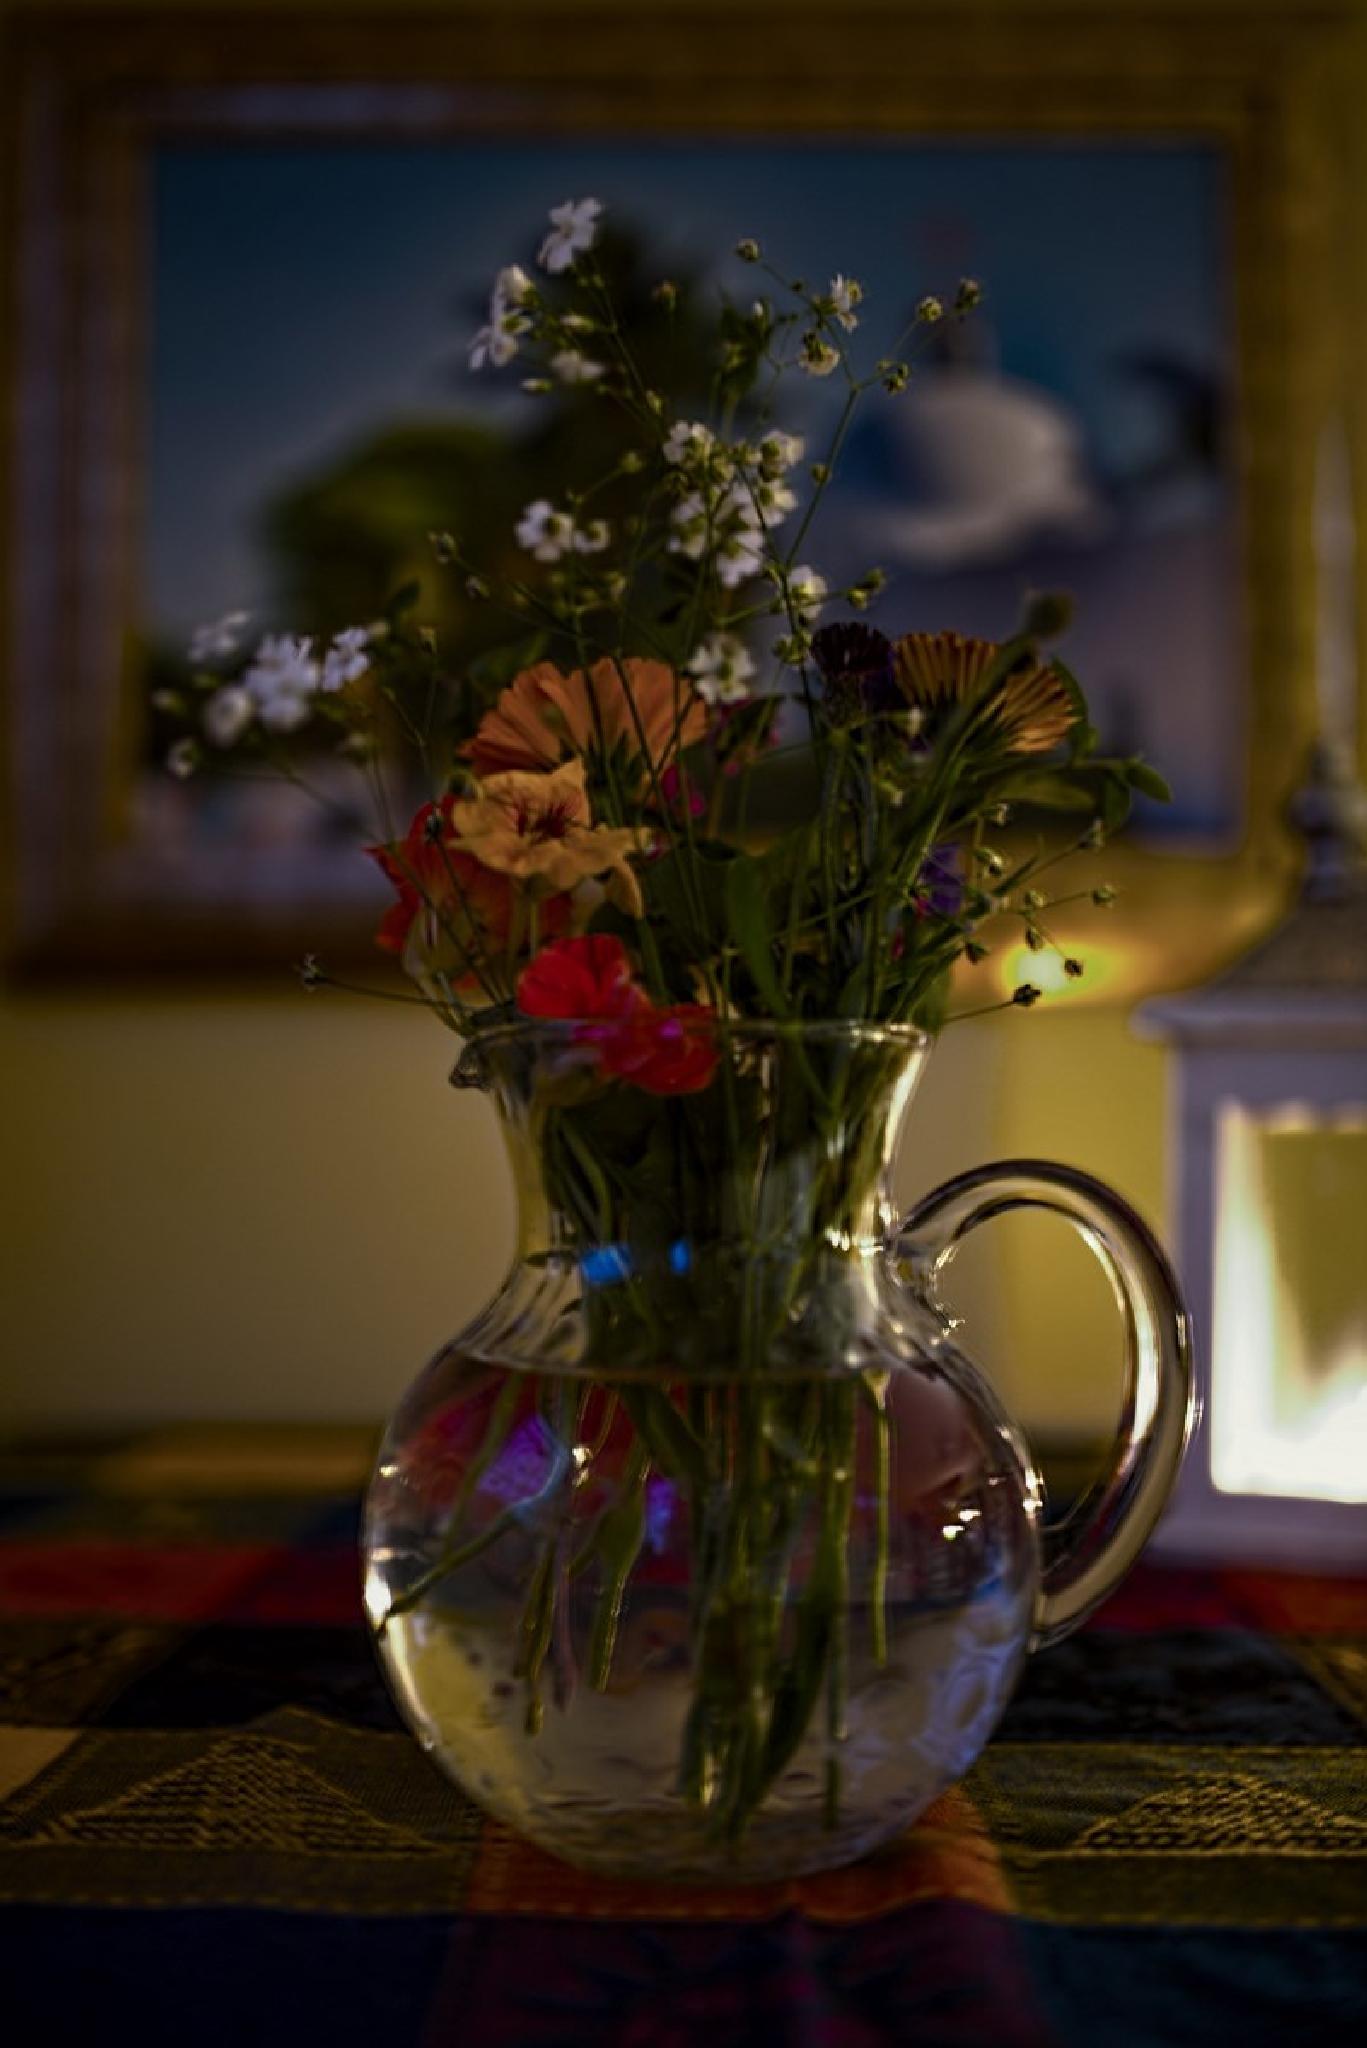 Bouquet  by Waldemar Sadlowski